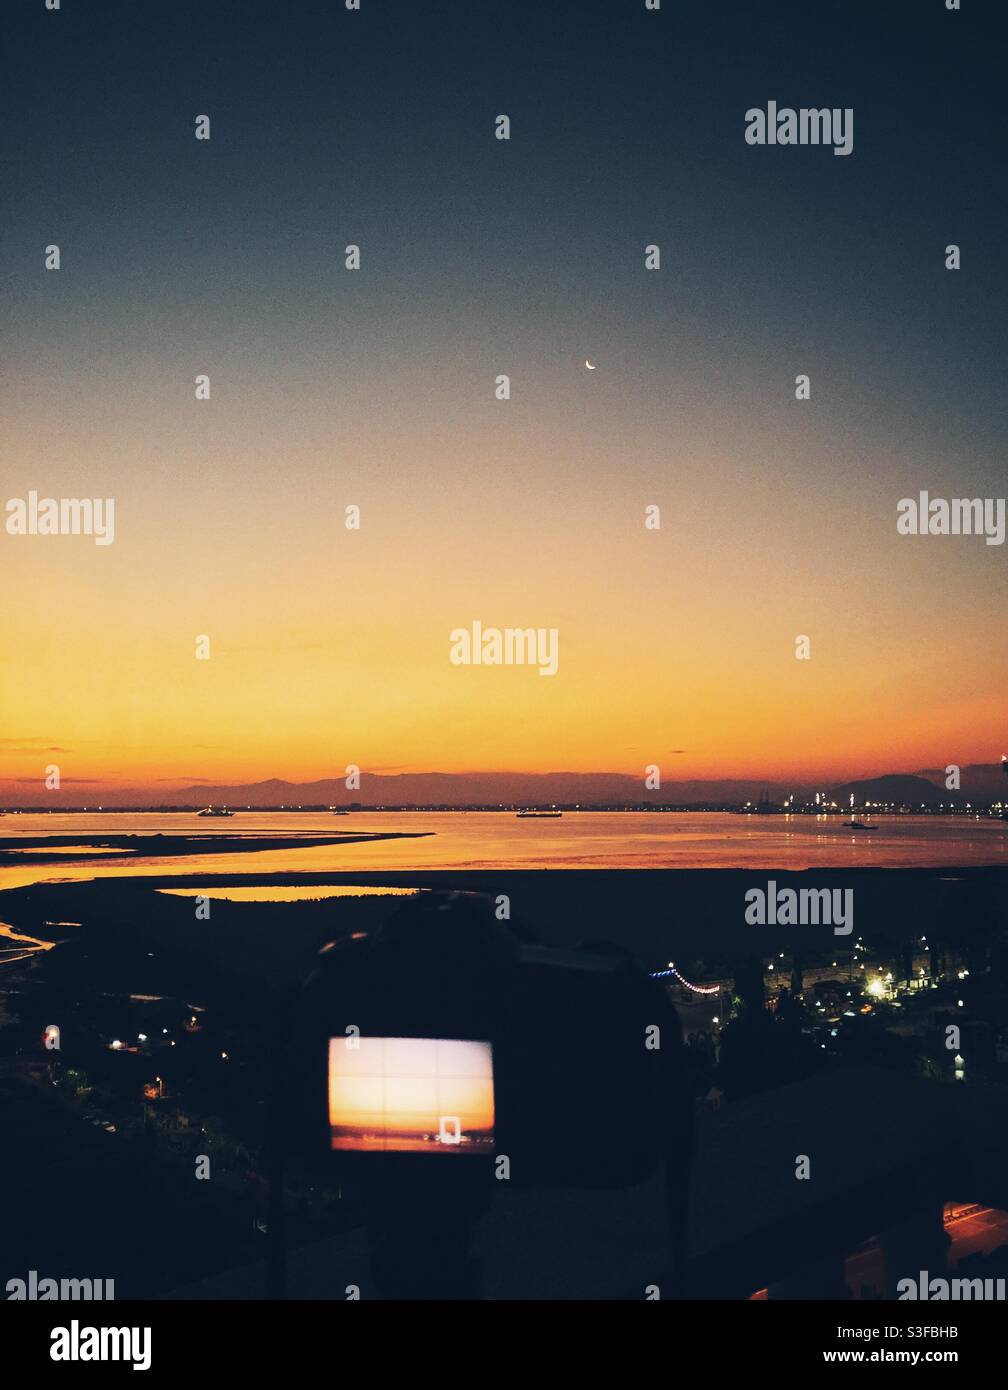 Impostazione di una fotocamera per uno scatto orizzontale. Foto Stock